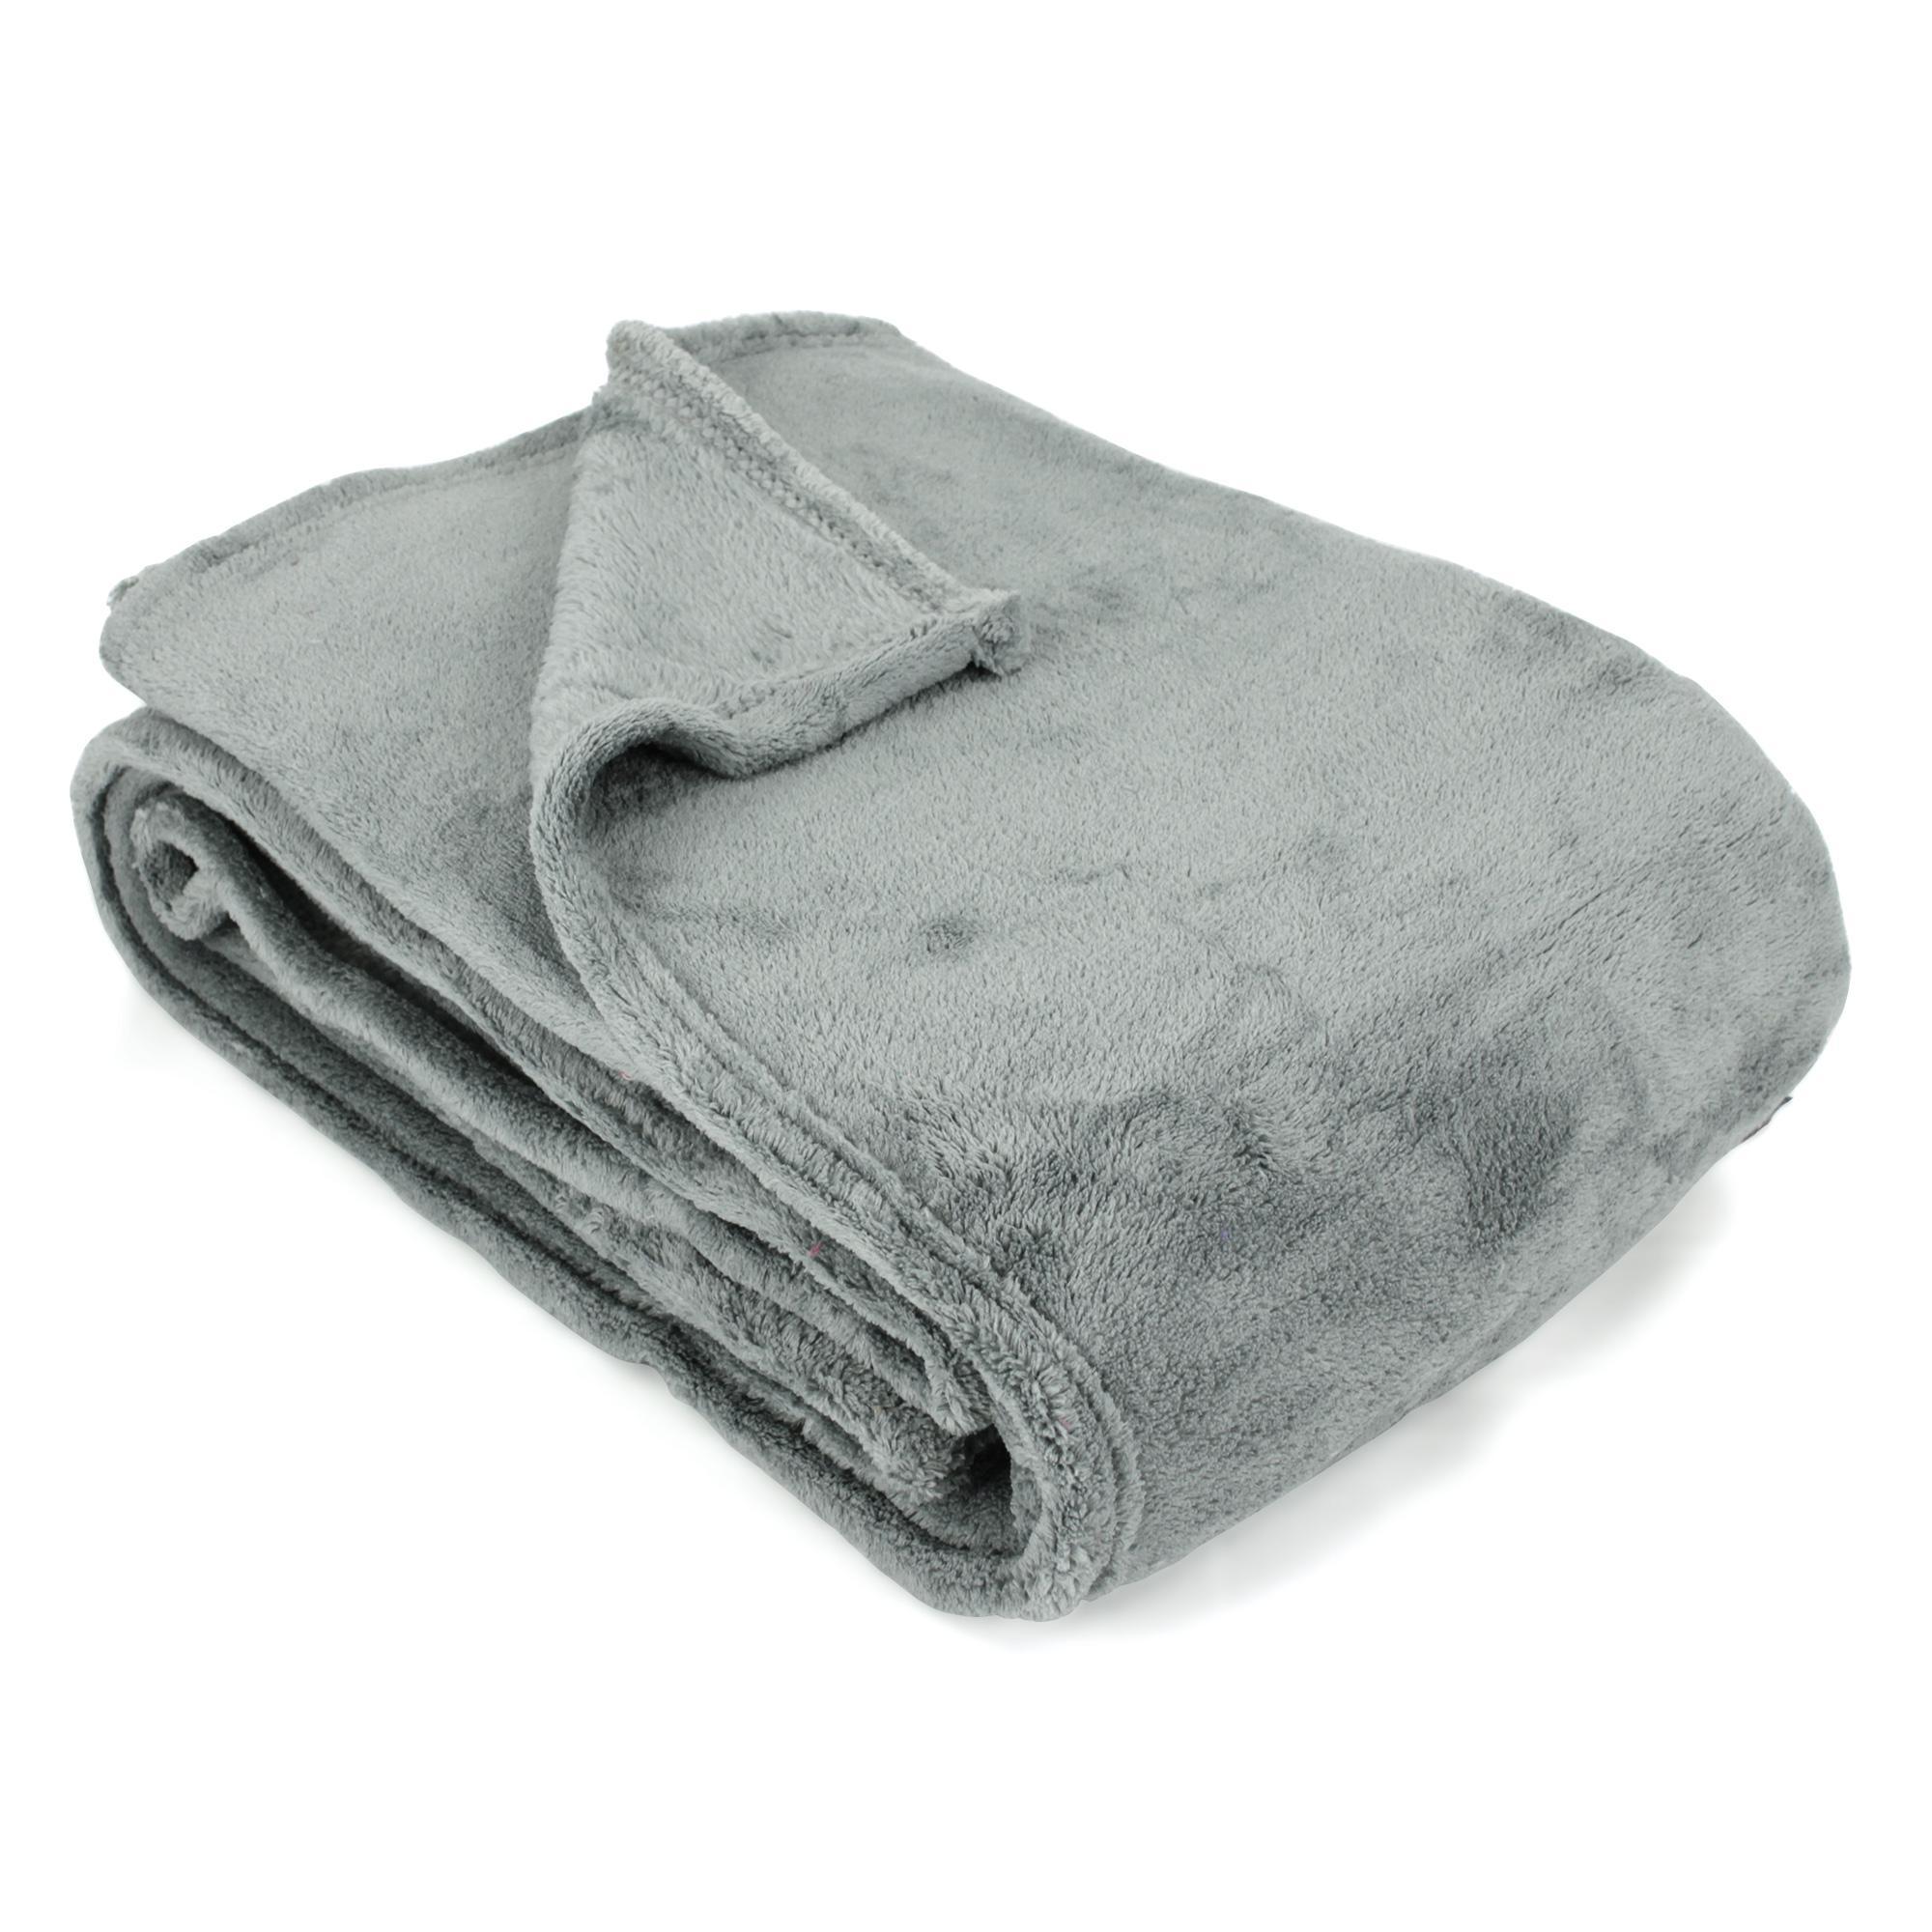 couverture apollo microfibre 220x240 cm gris argent linnea linge de maison et. Black Bedroom Furniture Sets. Home Design Ideas